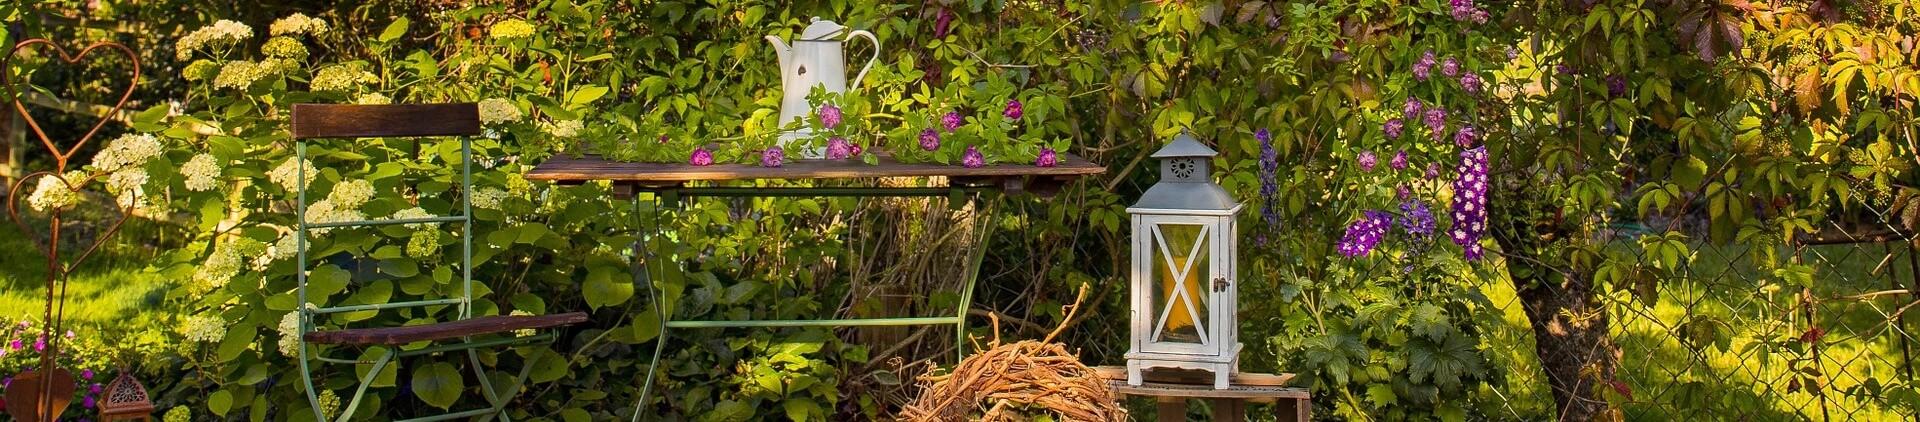 Gartentisch Garten Mittelpunkt